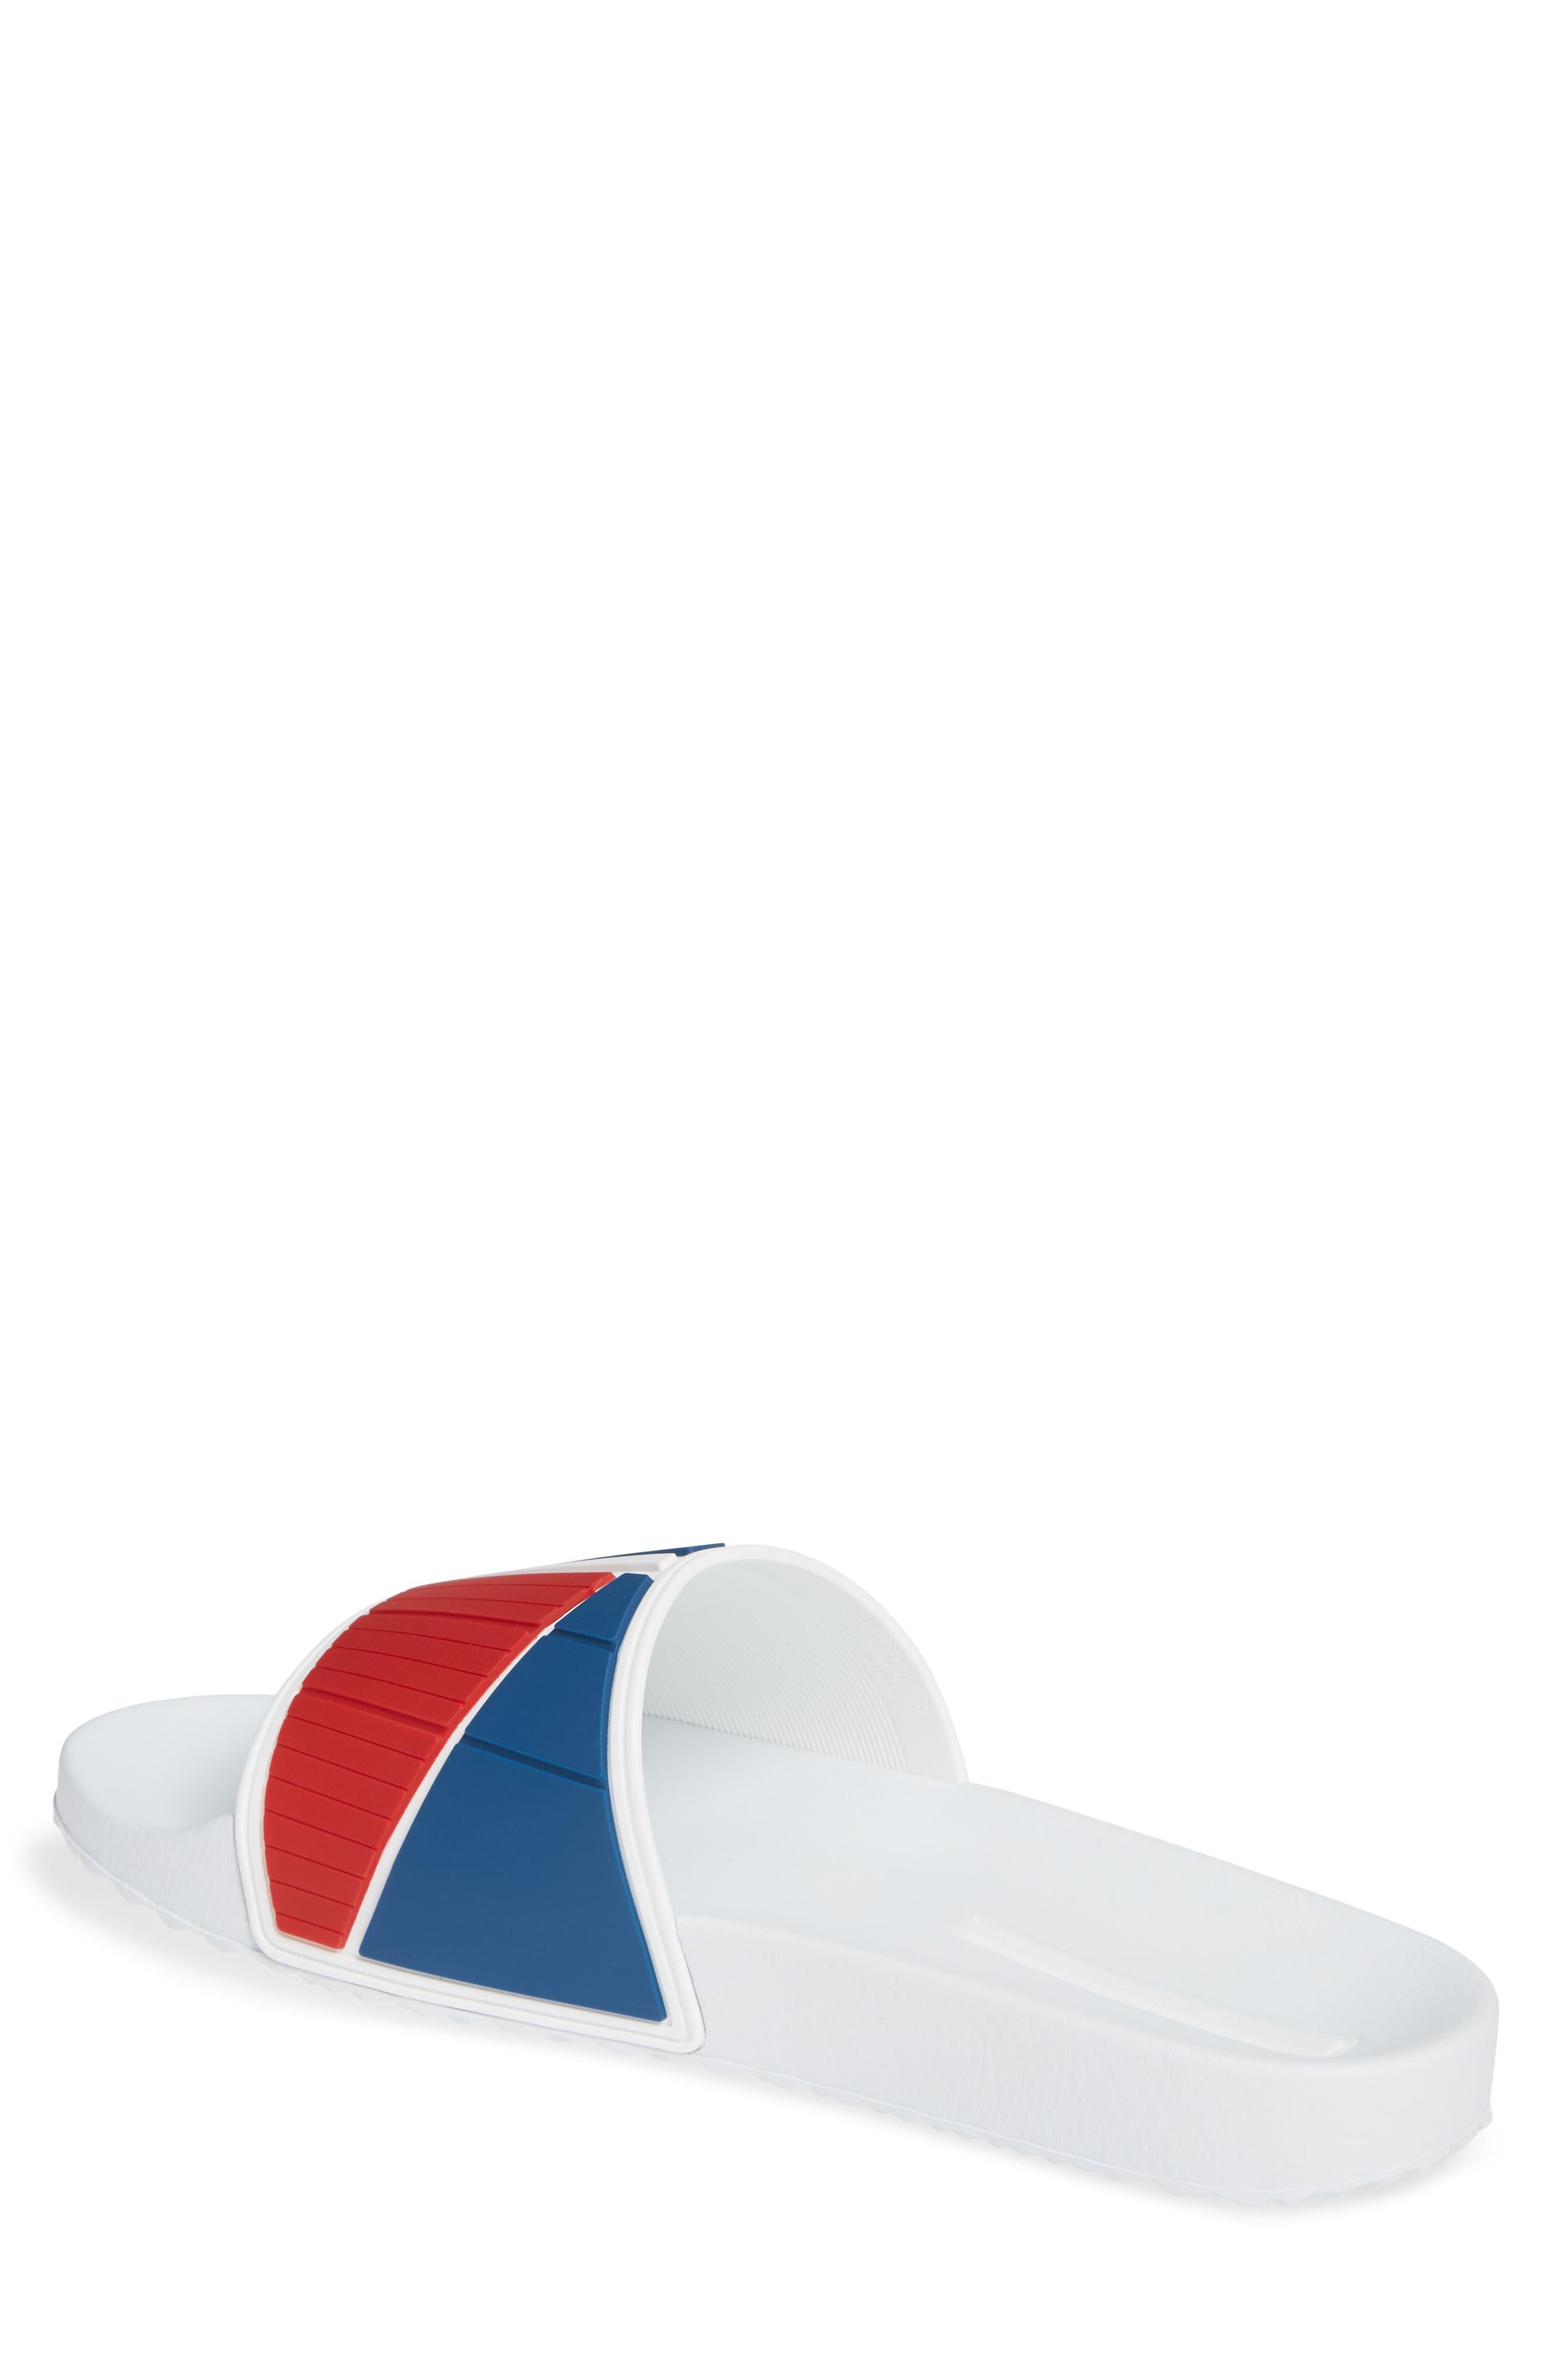 Linea Rossa Logo Slide Sandal,                             Alternate thumbnail 2, color,                             WHITE/ BLUE